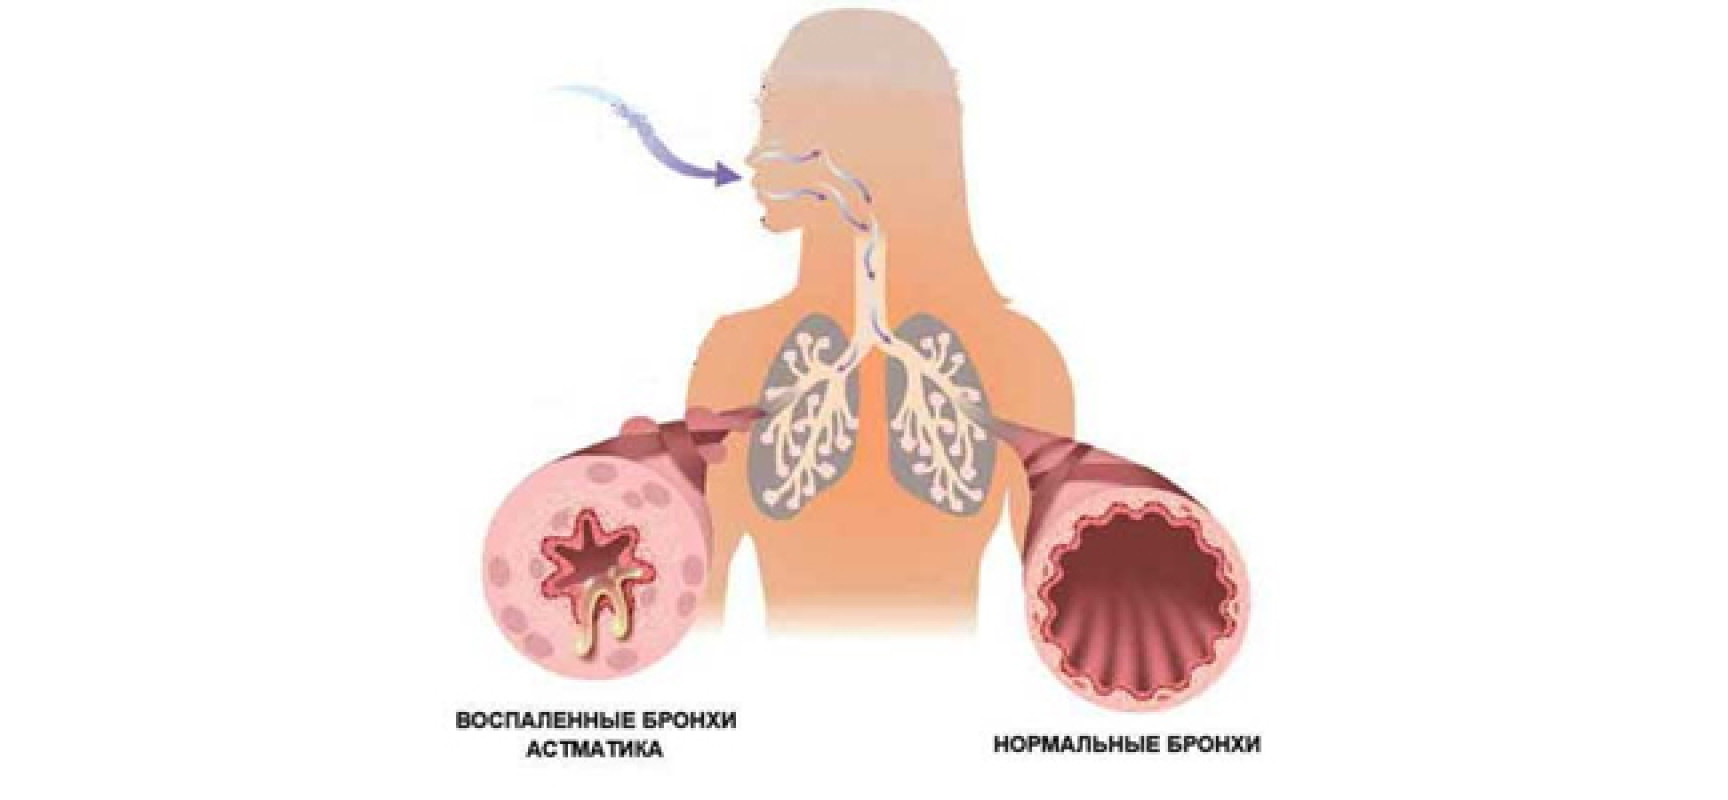 бронхиальная астма горы